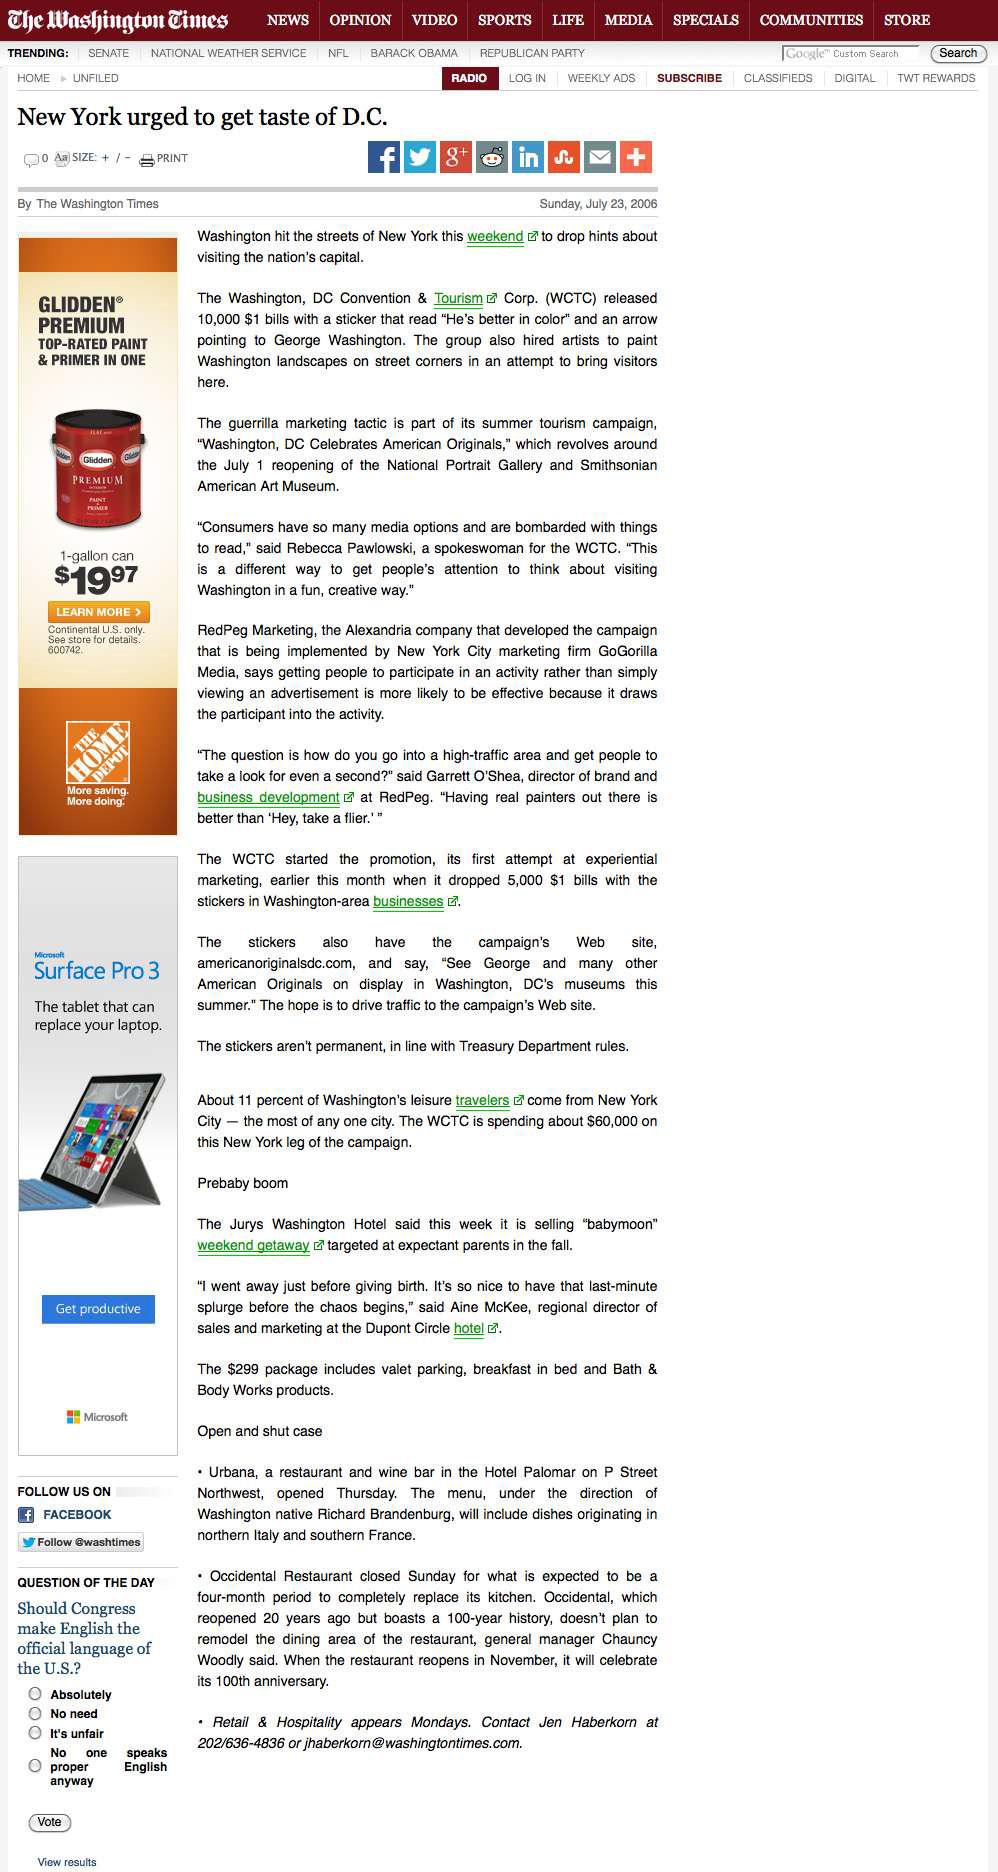 2006_7_Wash-Times.jpg